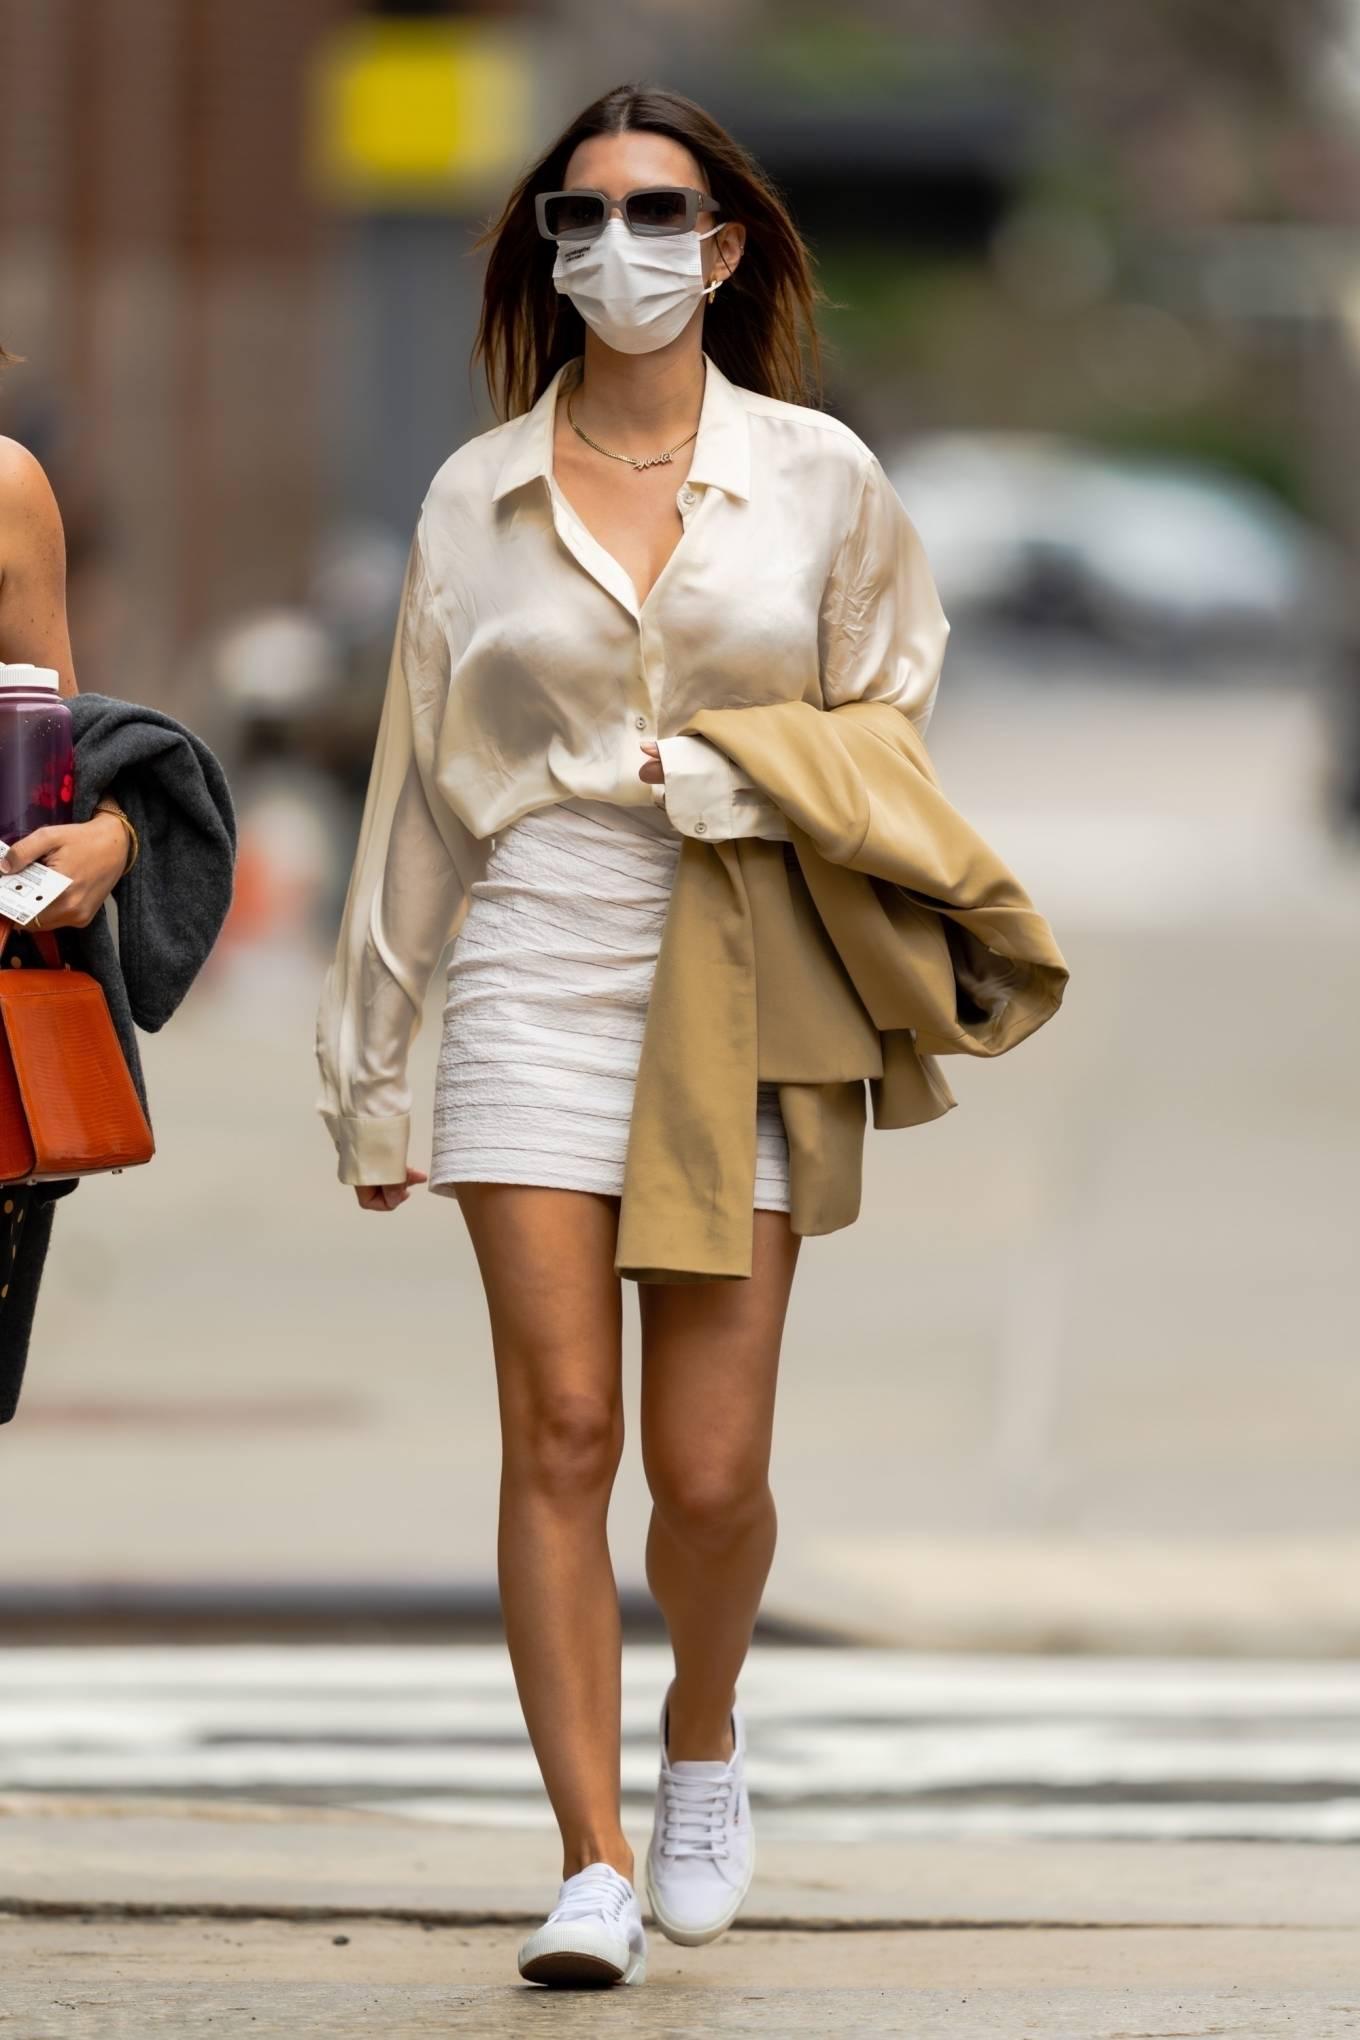 Emily Ratajkowski 2021 : Emily Ratajkowski – In white mini skirt out for a walk in New York-05